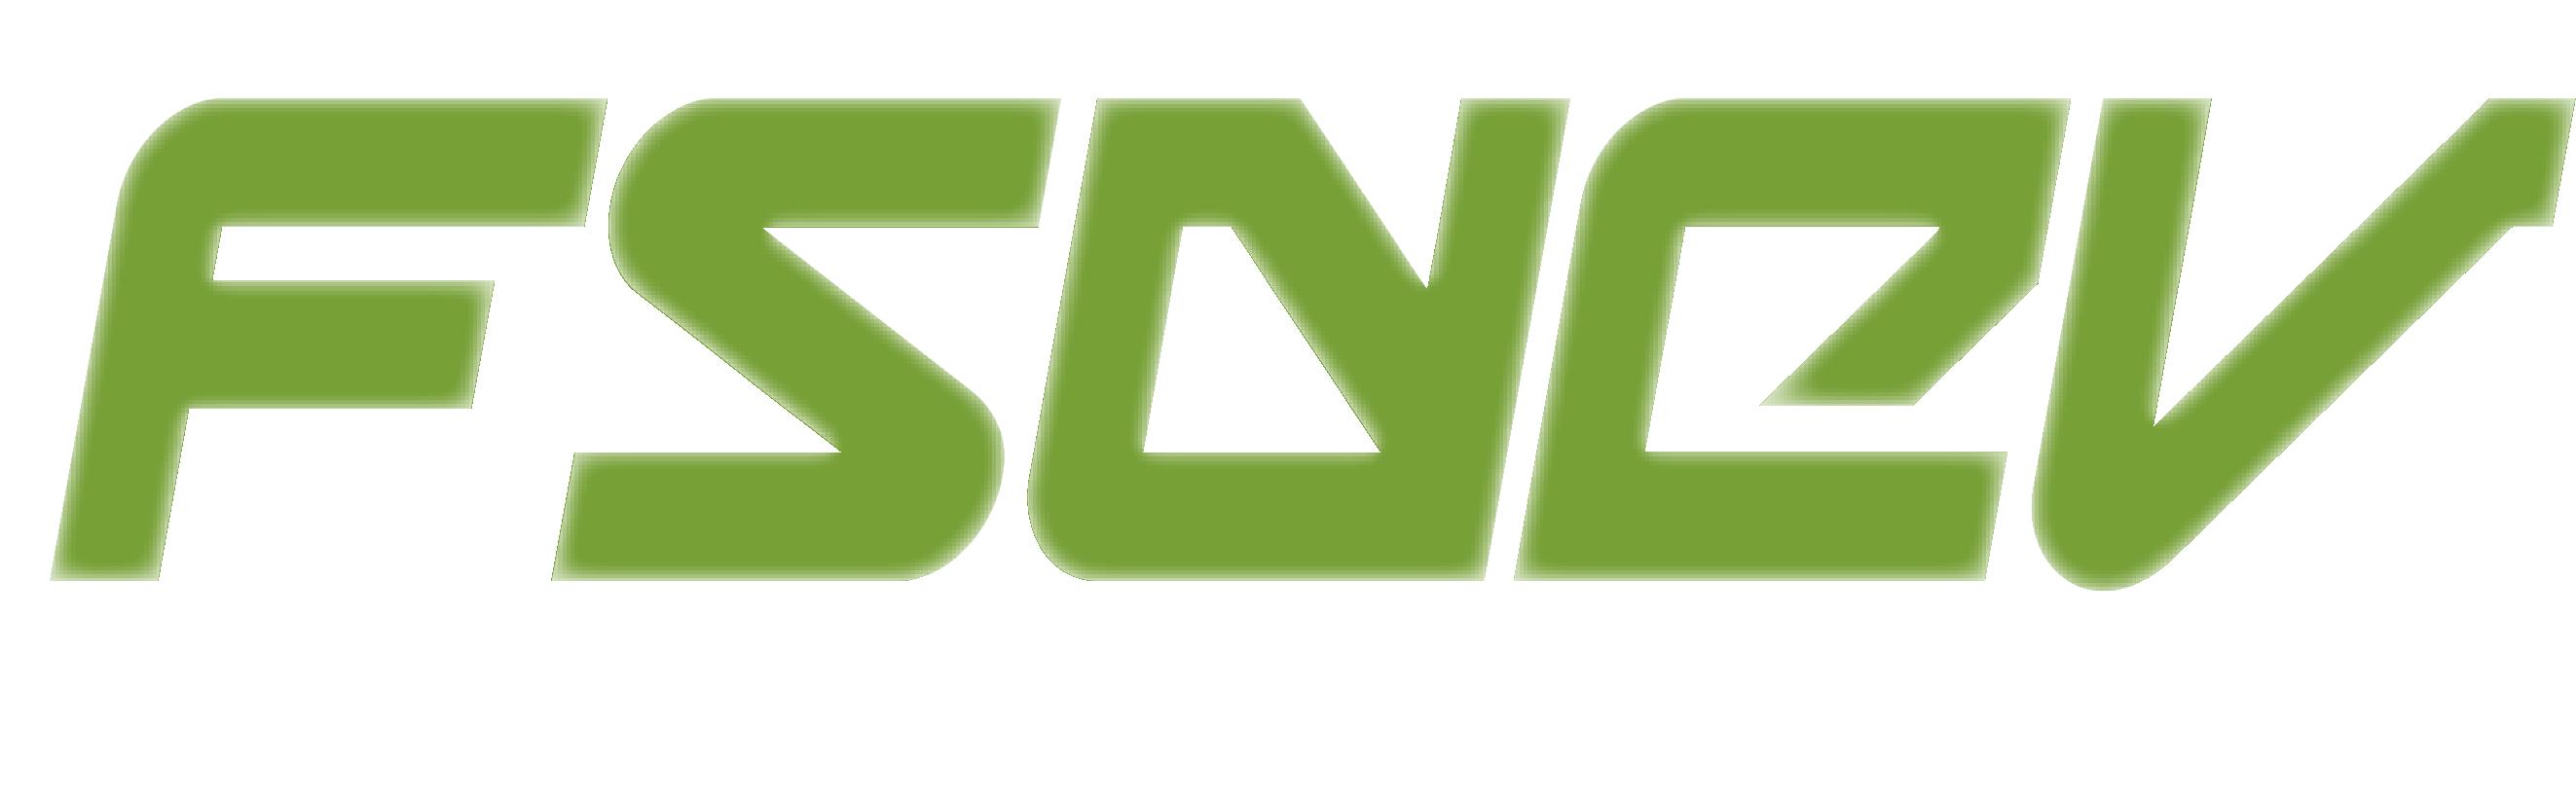 Daten FSDEVZONE